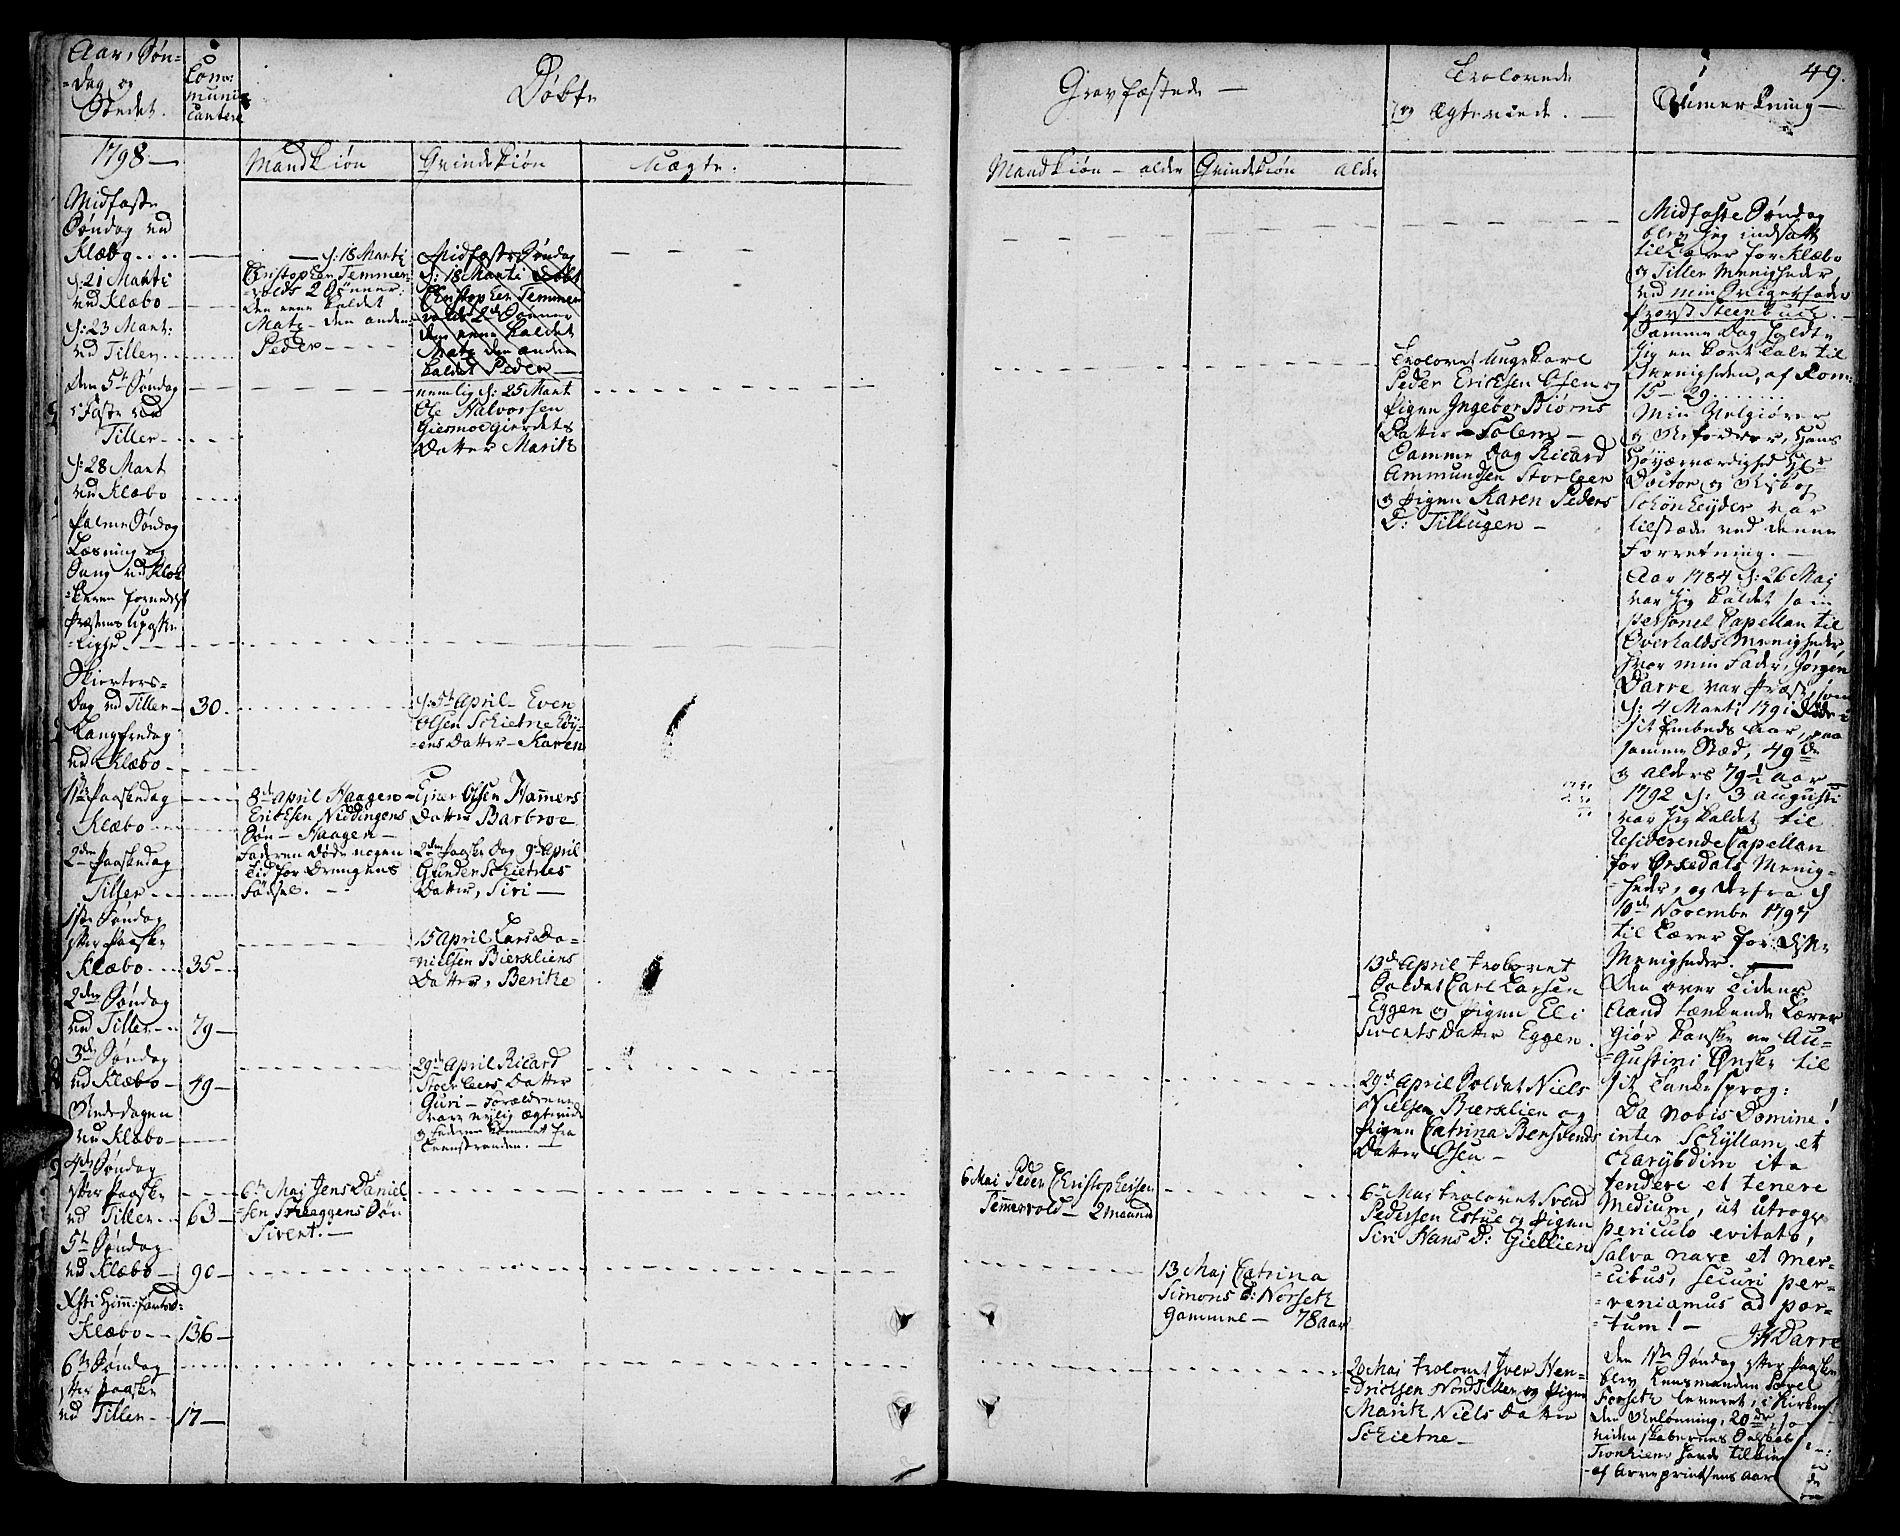 SAT, Ministerialprotokoller, klokkerbøker og fødselsregistre - Sør-Trøndelag, 618/L0438: Ministerialbok nr. 618A03, 1783-1815, s. 49